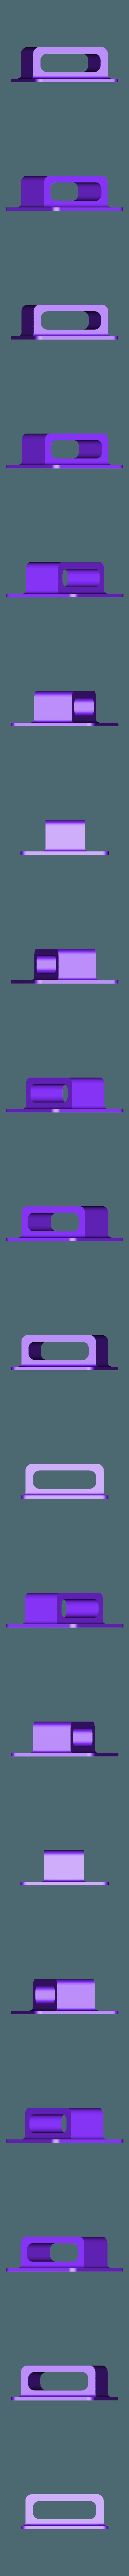 xsr_case.stl Télécharger fichier STL gratuit Cadre tactile • Design pour imprimante 3D, touchthebitum